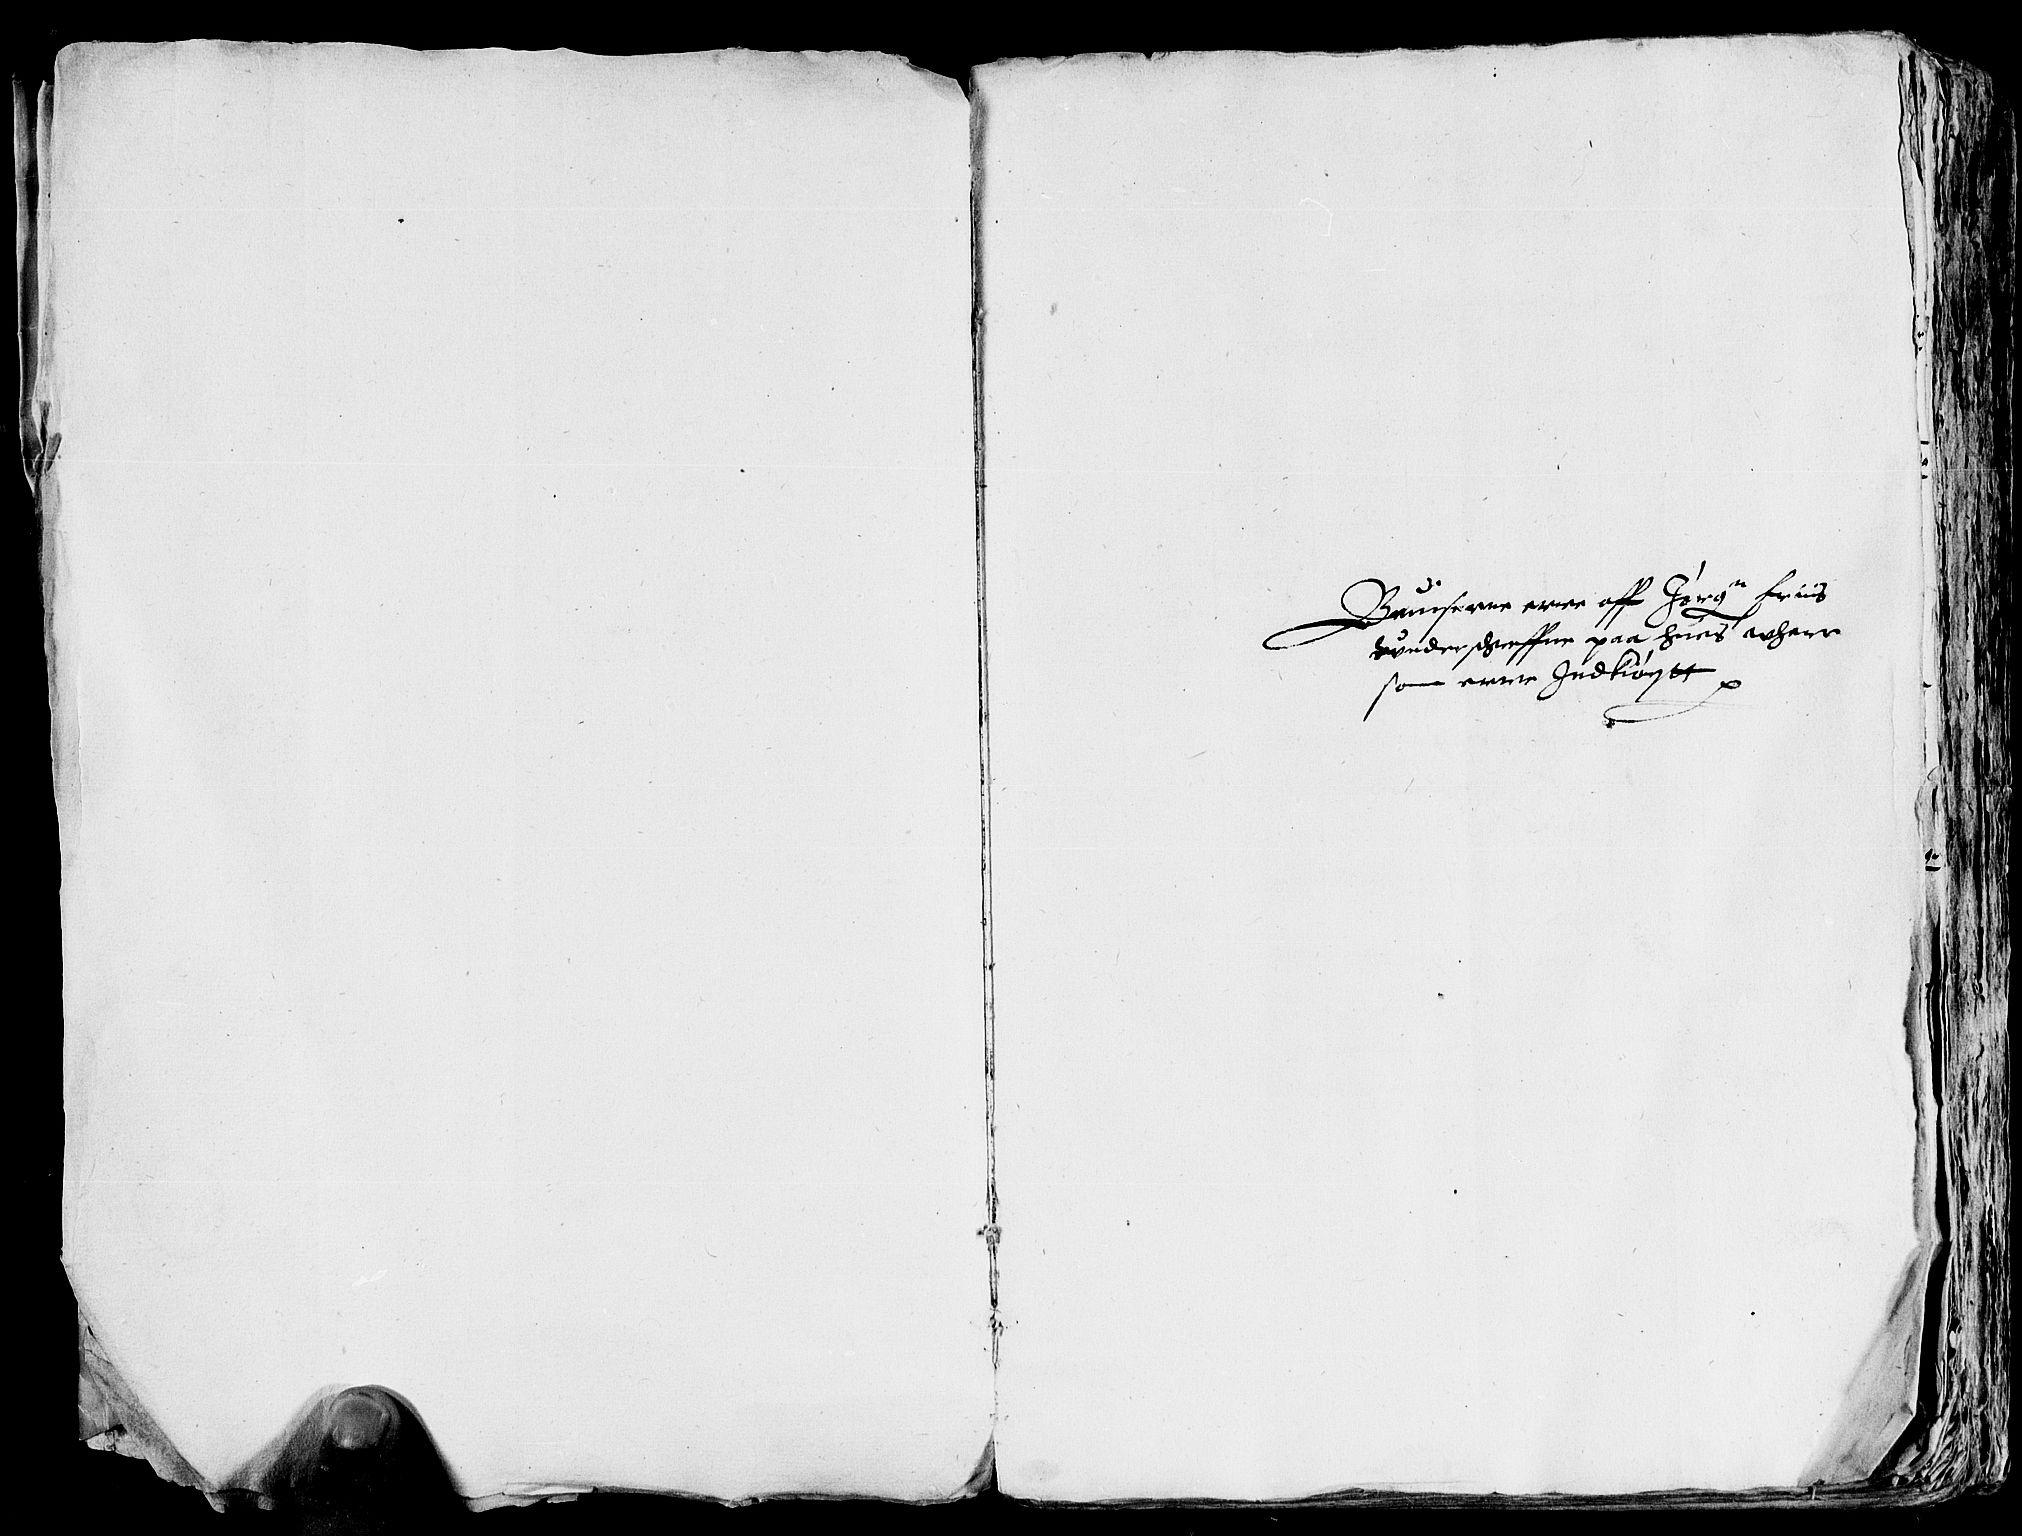 RA, Rentekammeret inntil 1814, Reviderte regnskaper, Lensregnskaper, R/Rb/Rba/L0022: Akershus len, 1606-1607